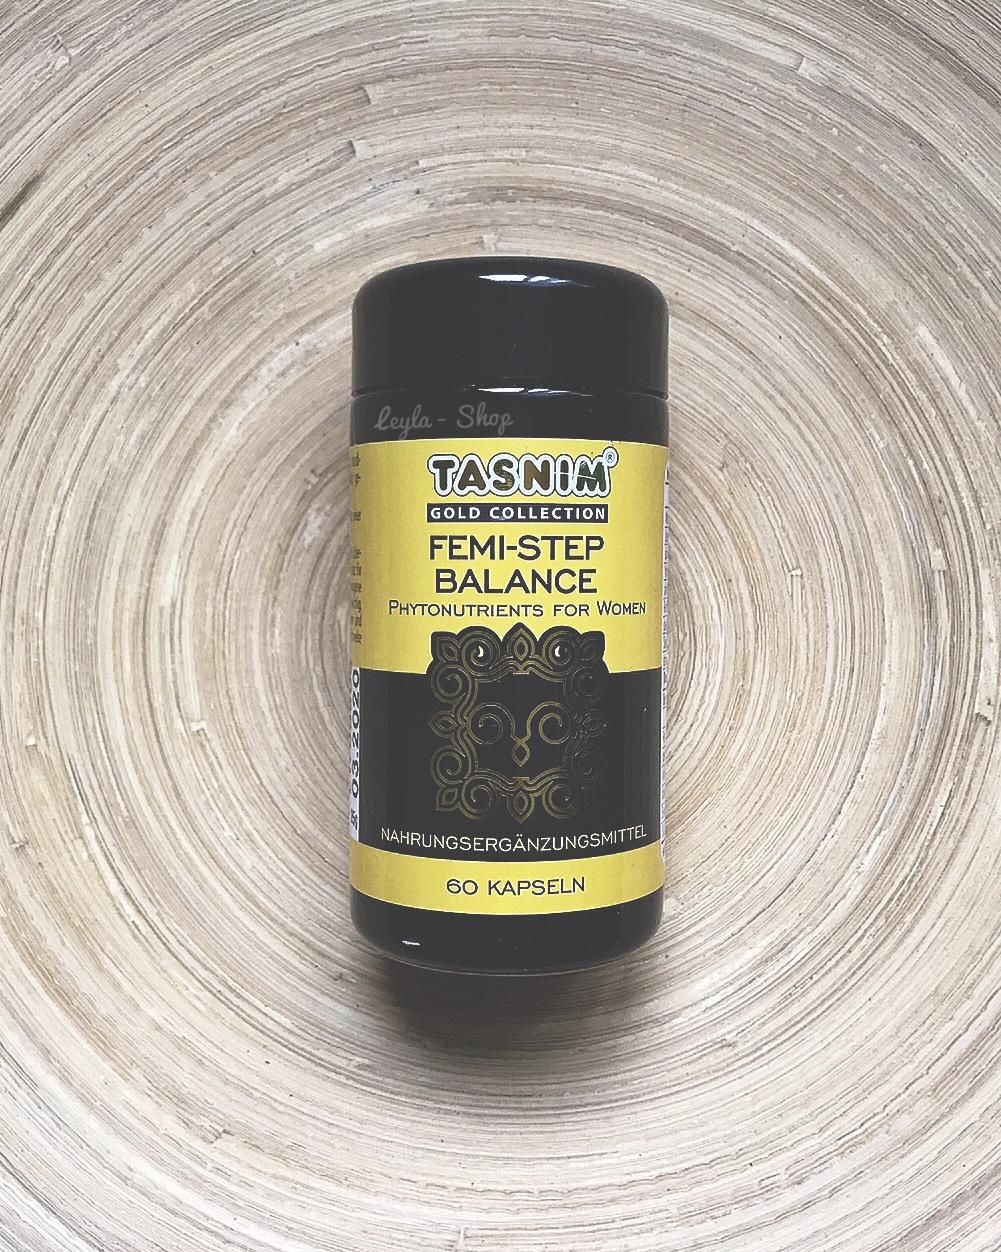 Tasnim - Femi-step Balance